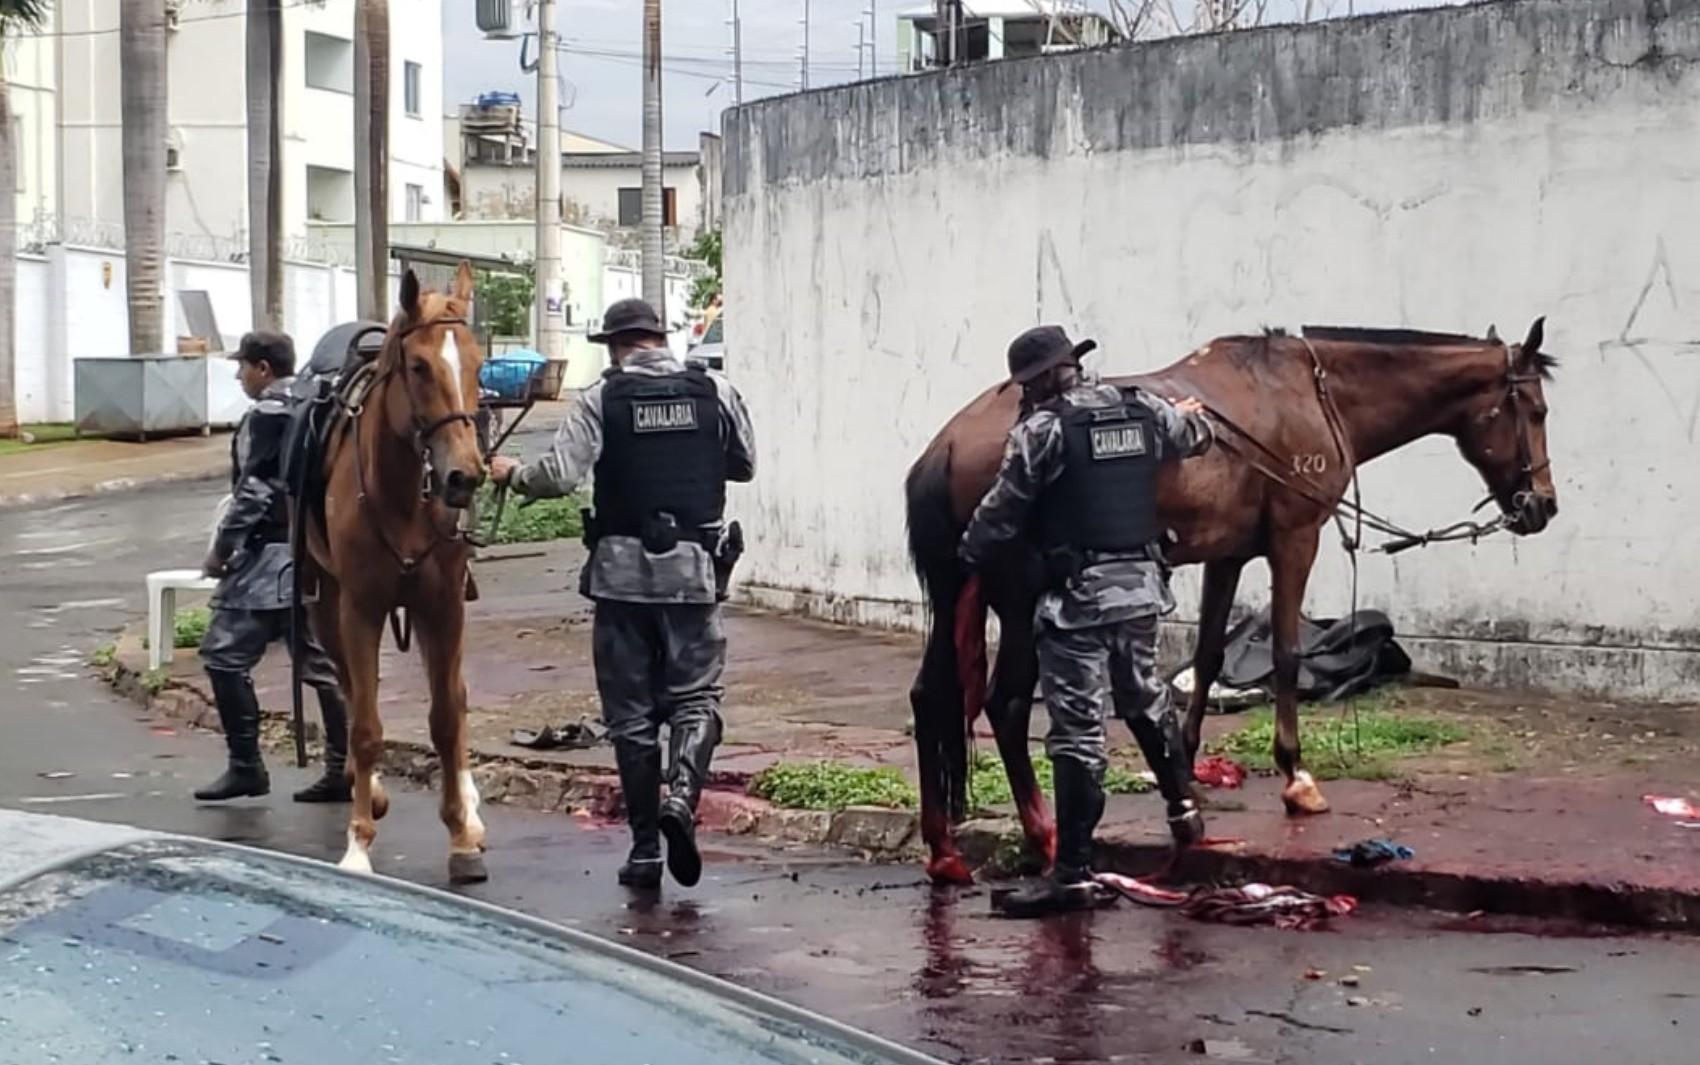 Égua da PM morre e policial se fere durante perseguição a casal suspeito de furtos, em Goiânia